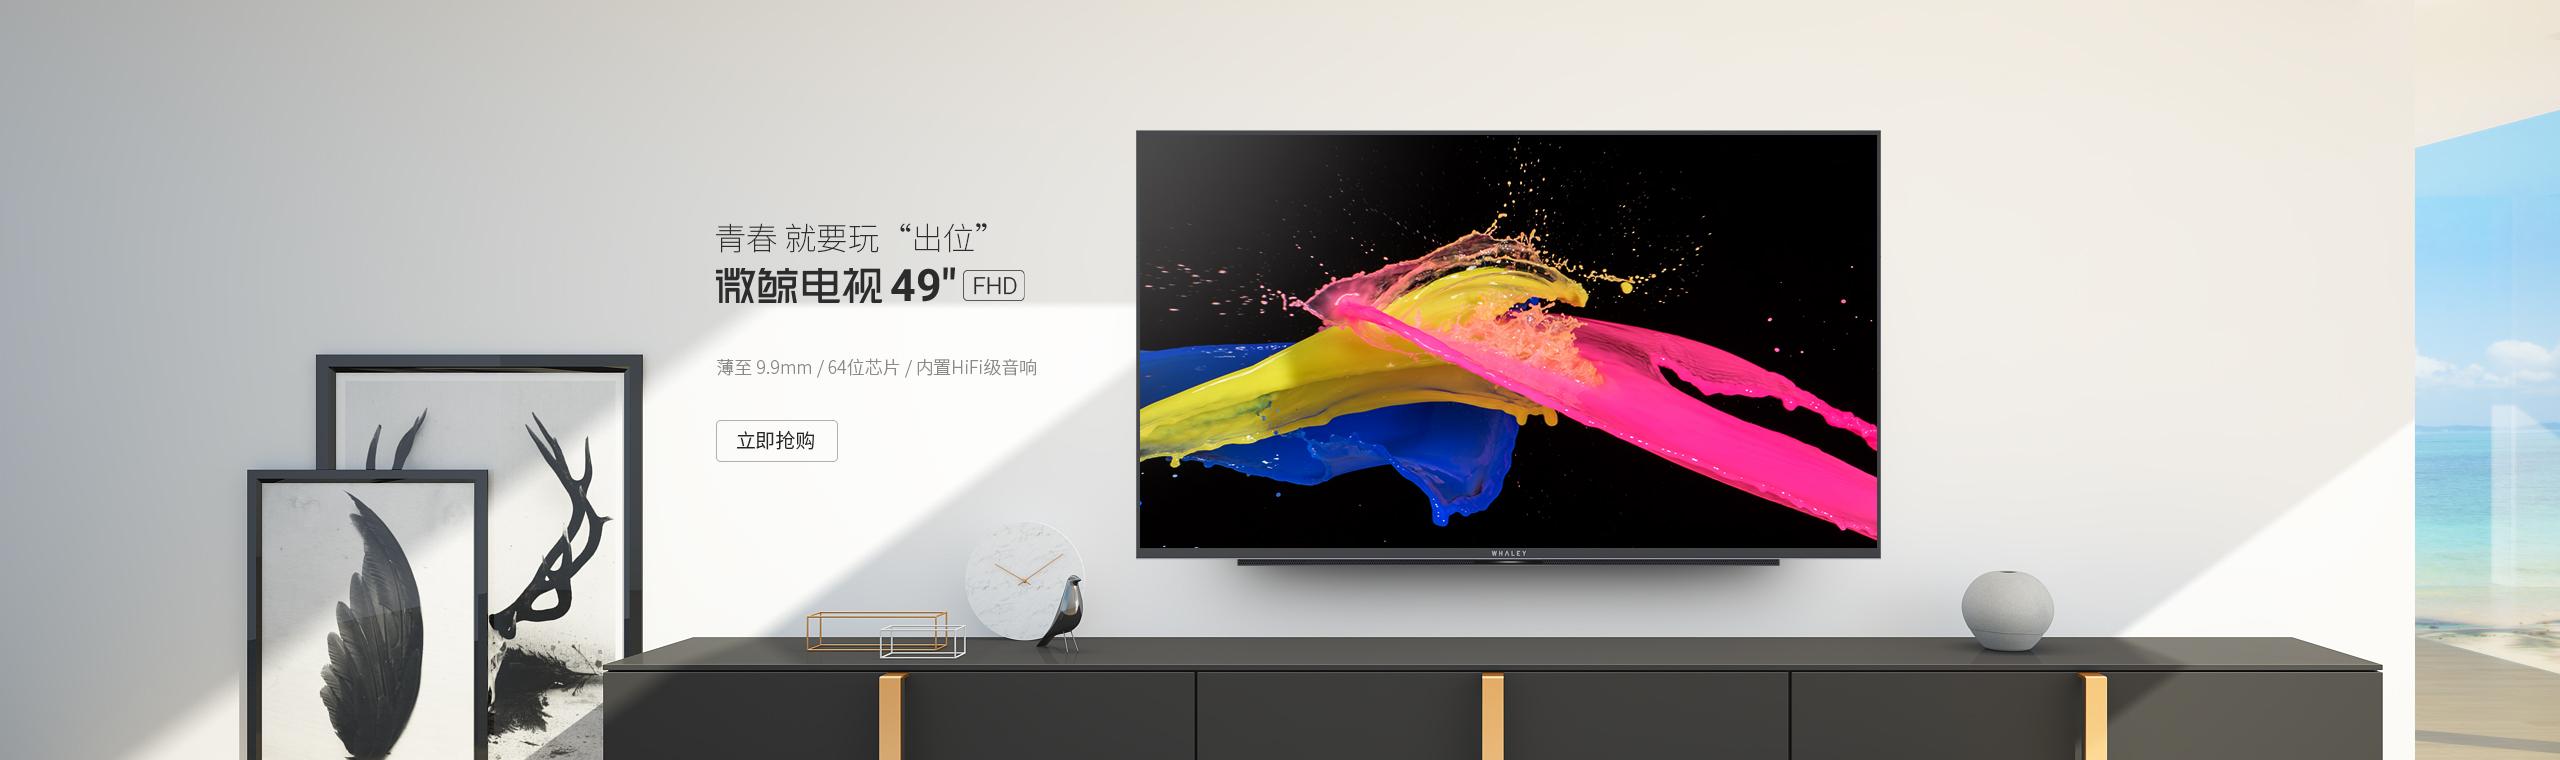 微鲸电视49英寸